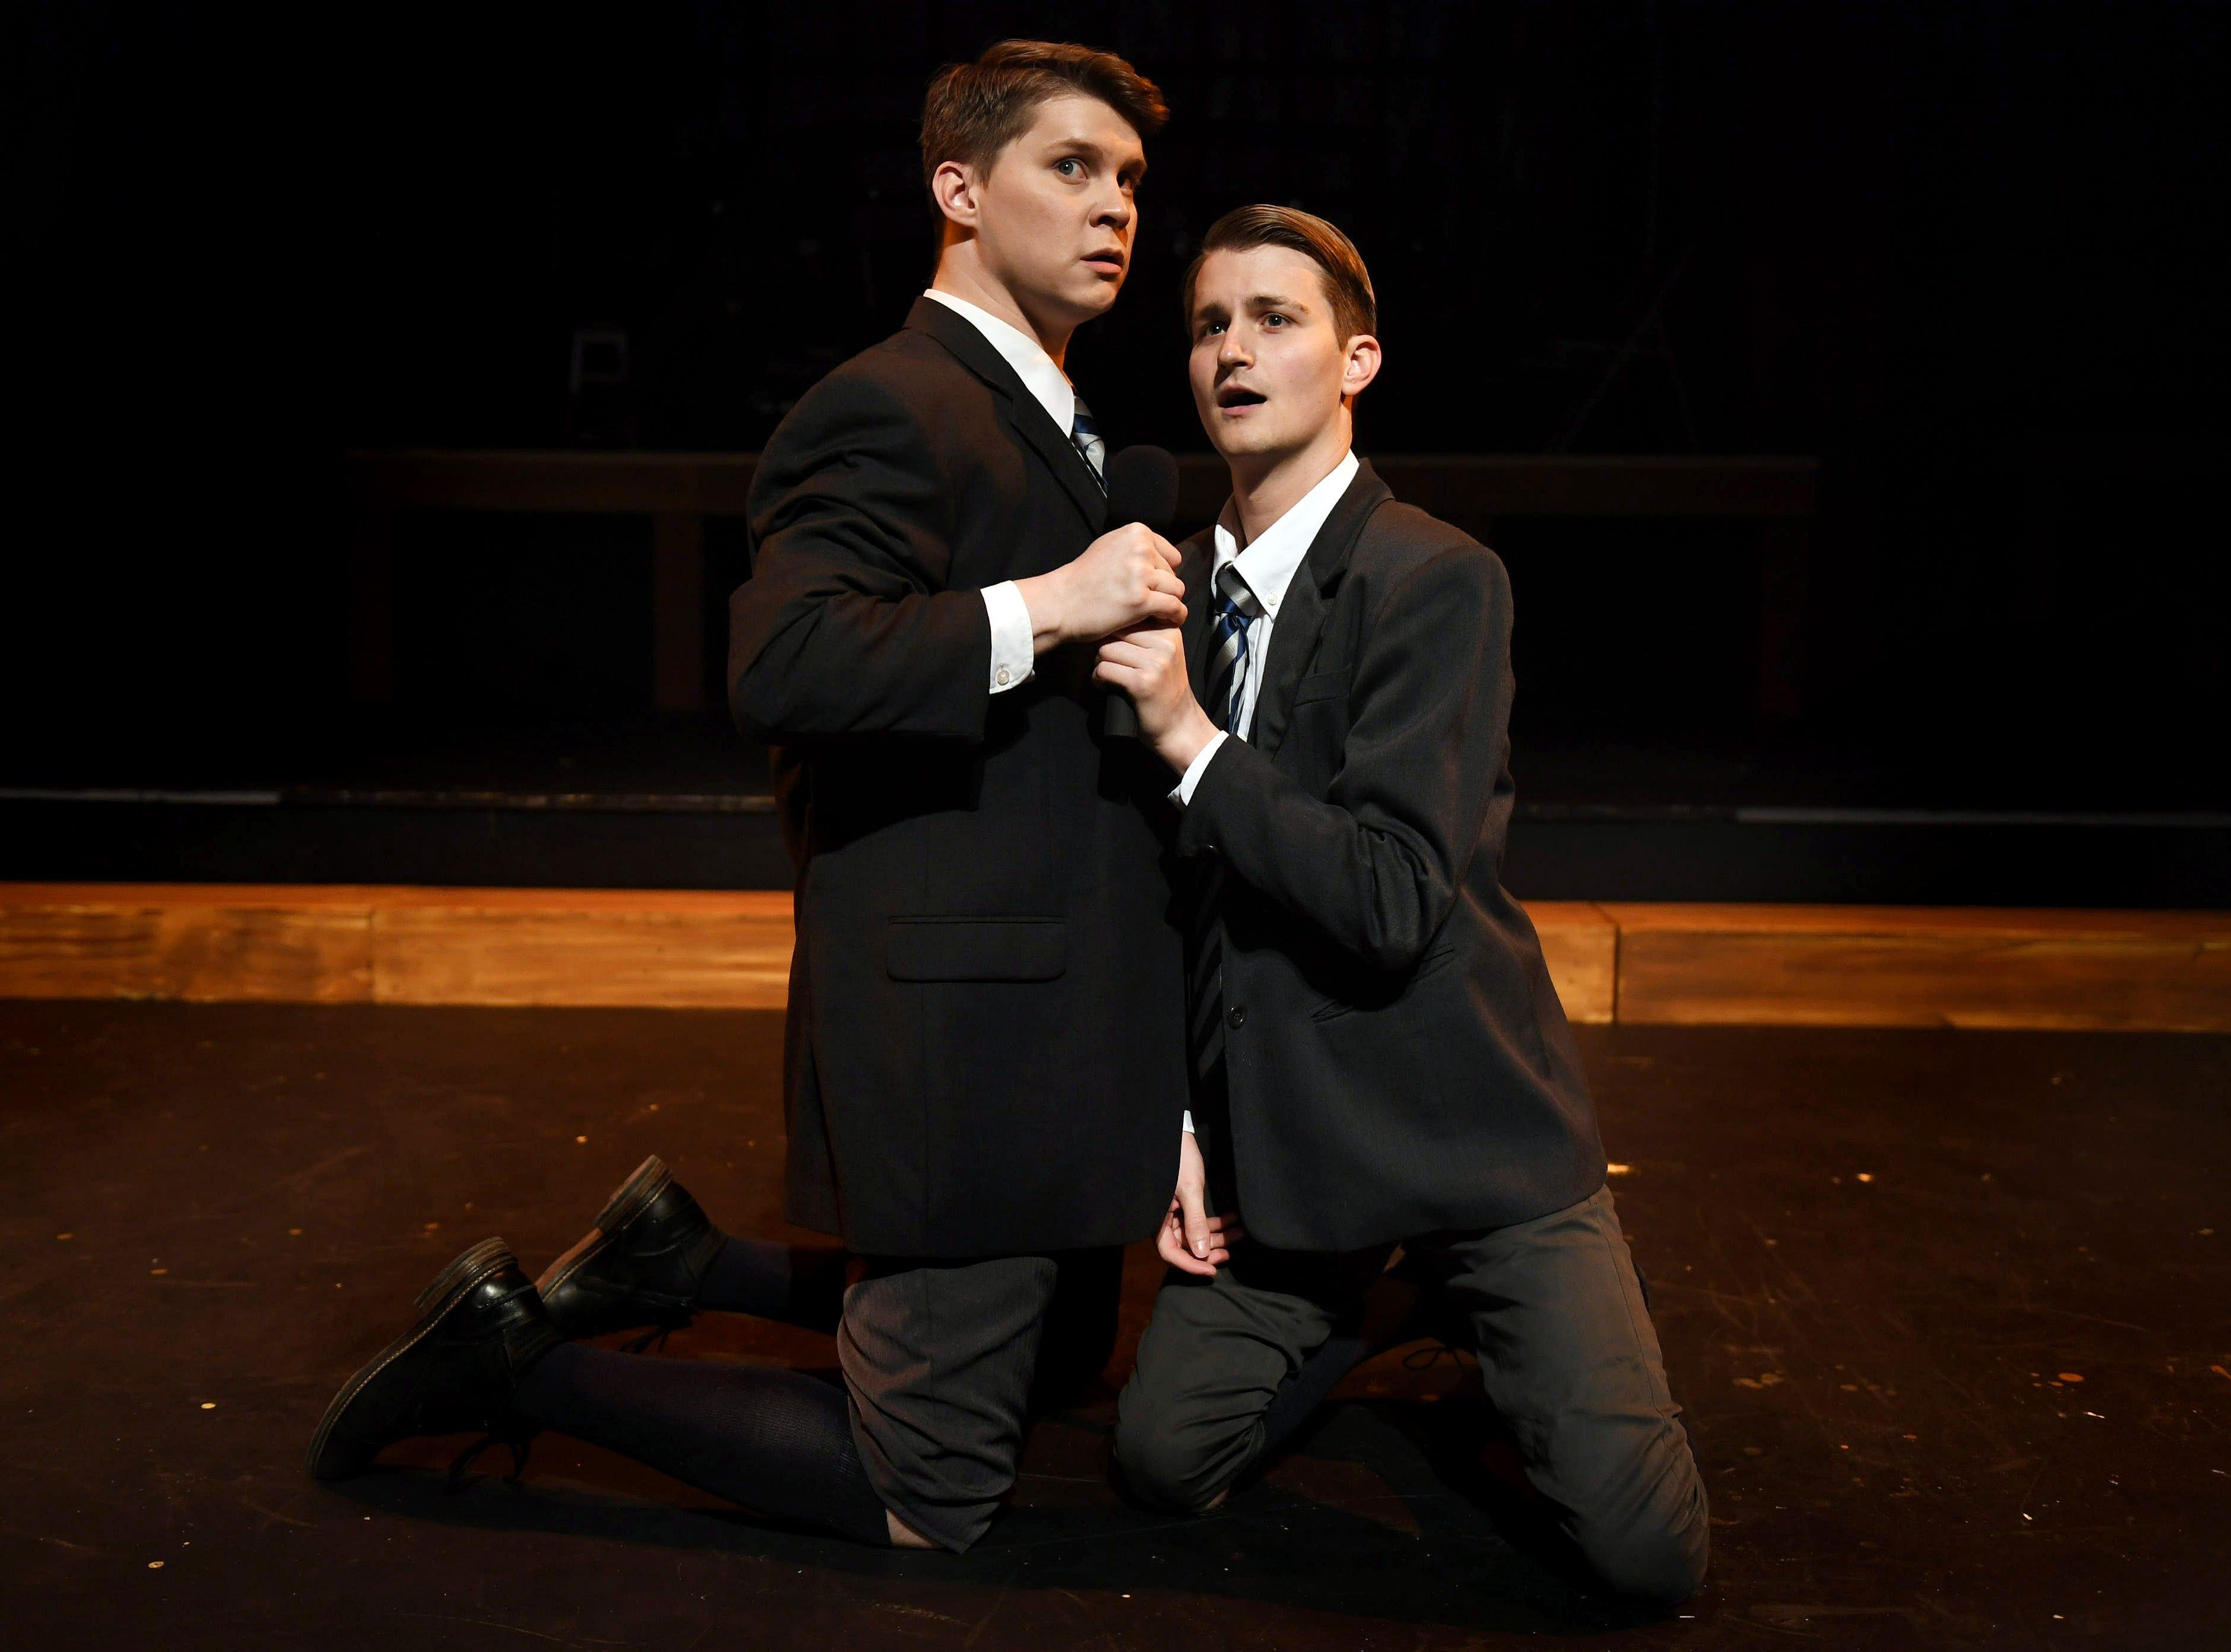 Hanschen (Jon Mathes) and Ernst (Bradley Gay) share a tender moment.